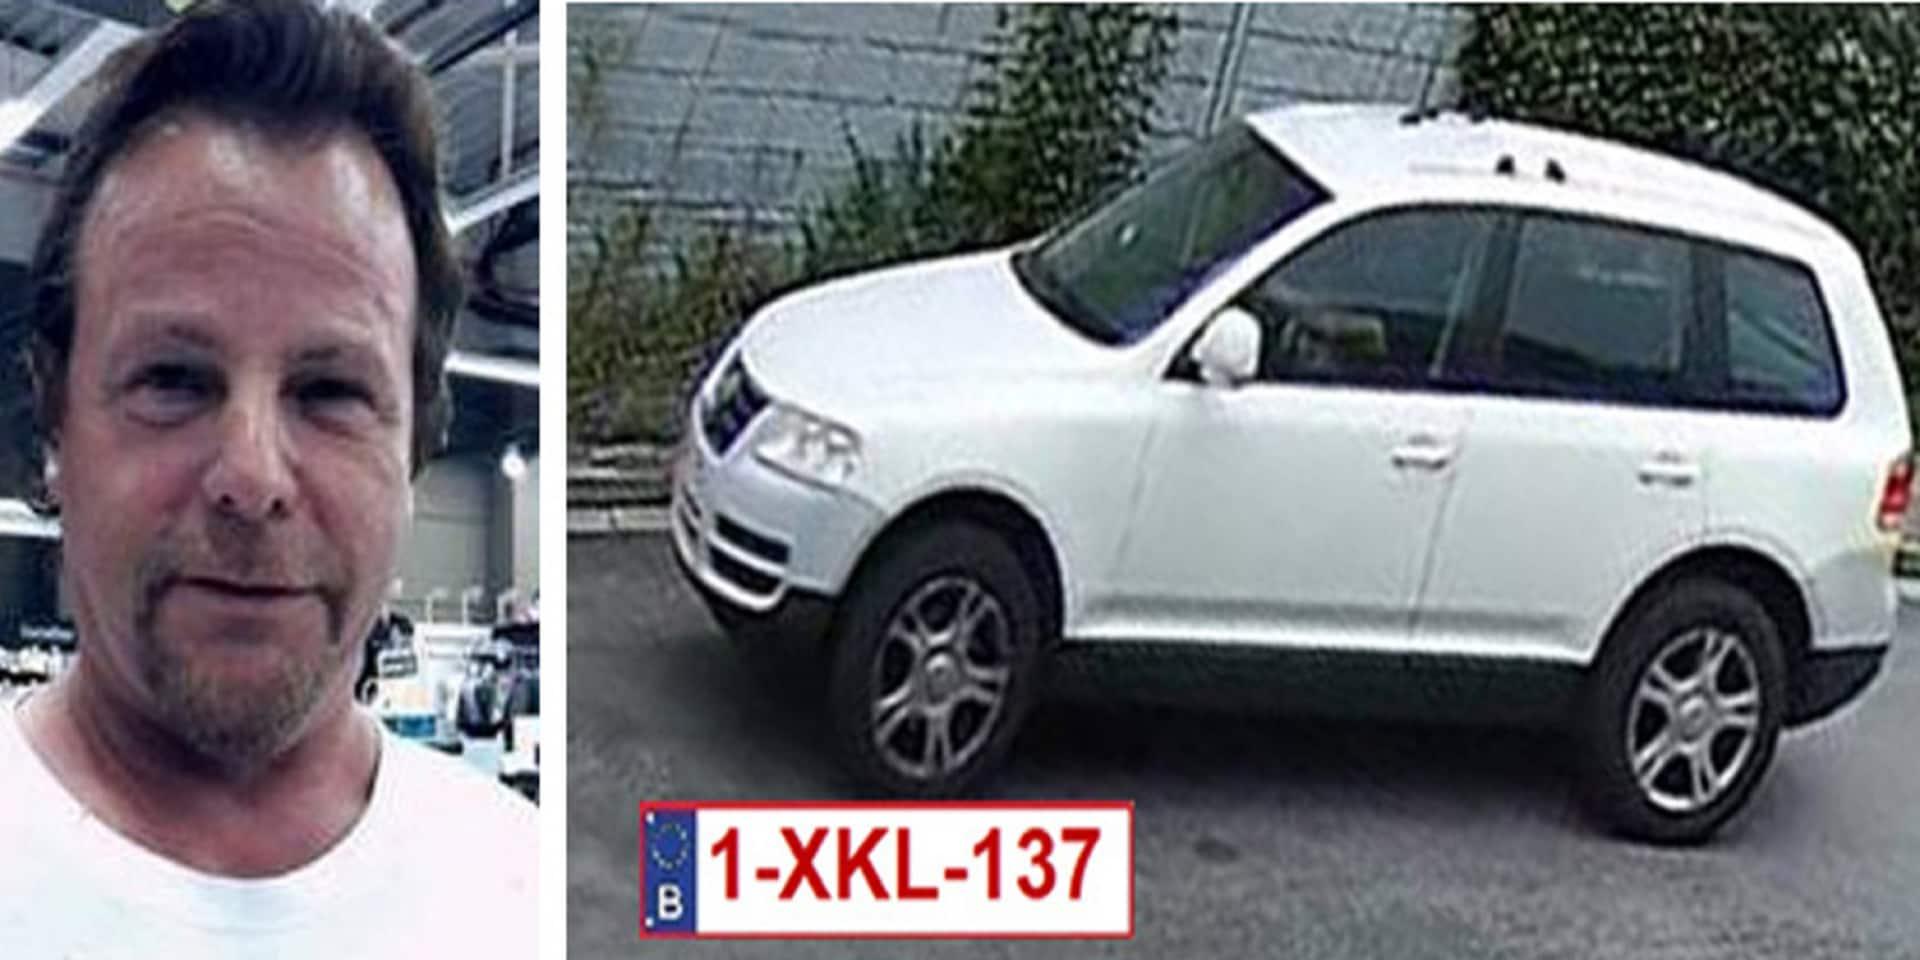 Décès suspect d'Antoine Marchal à Bomal: la police lance un appel à témoins, son véhicule toujours introuvable